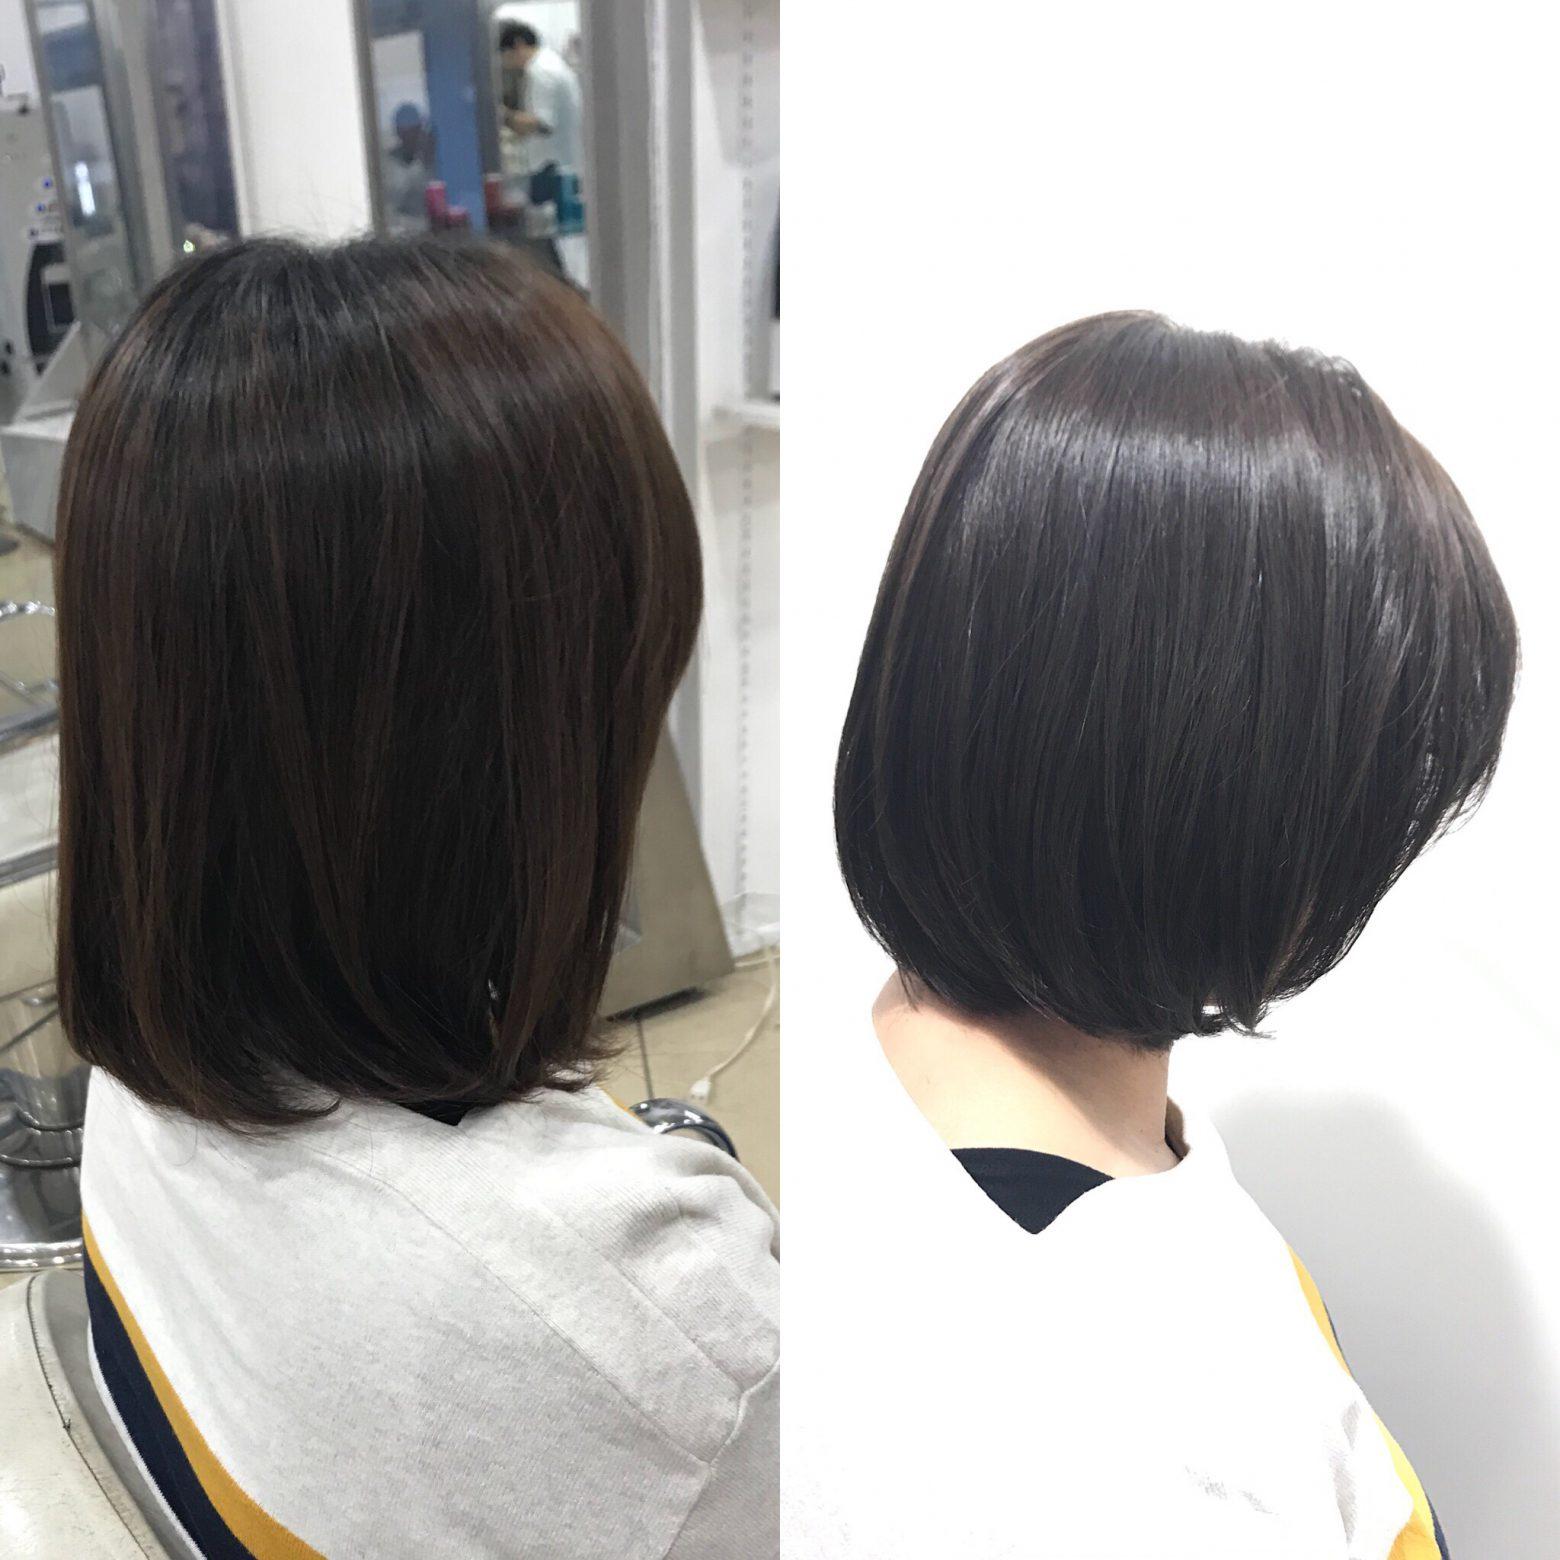 お客様とのアナログ接点は美容師の強みに!いろんな側面を見れるとヘアデザインにも繋がる!